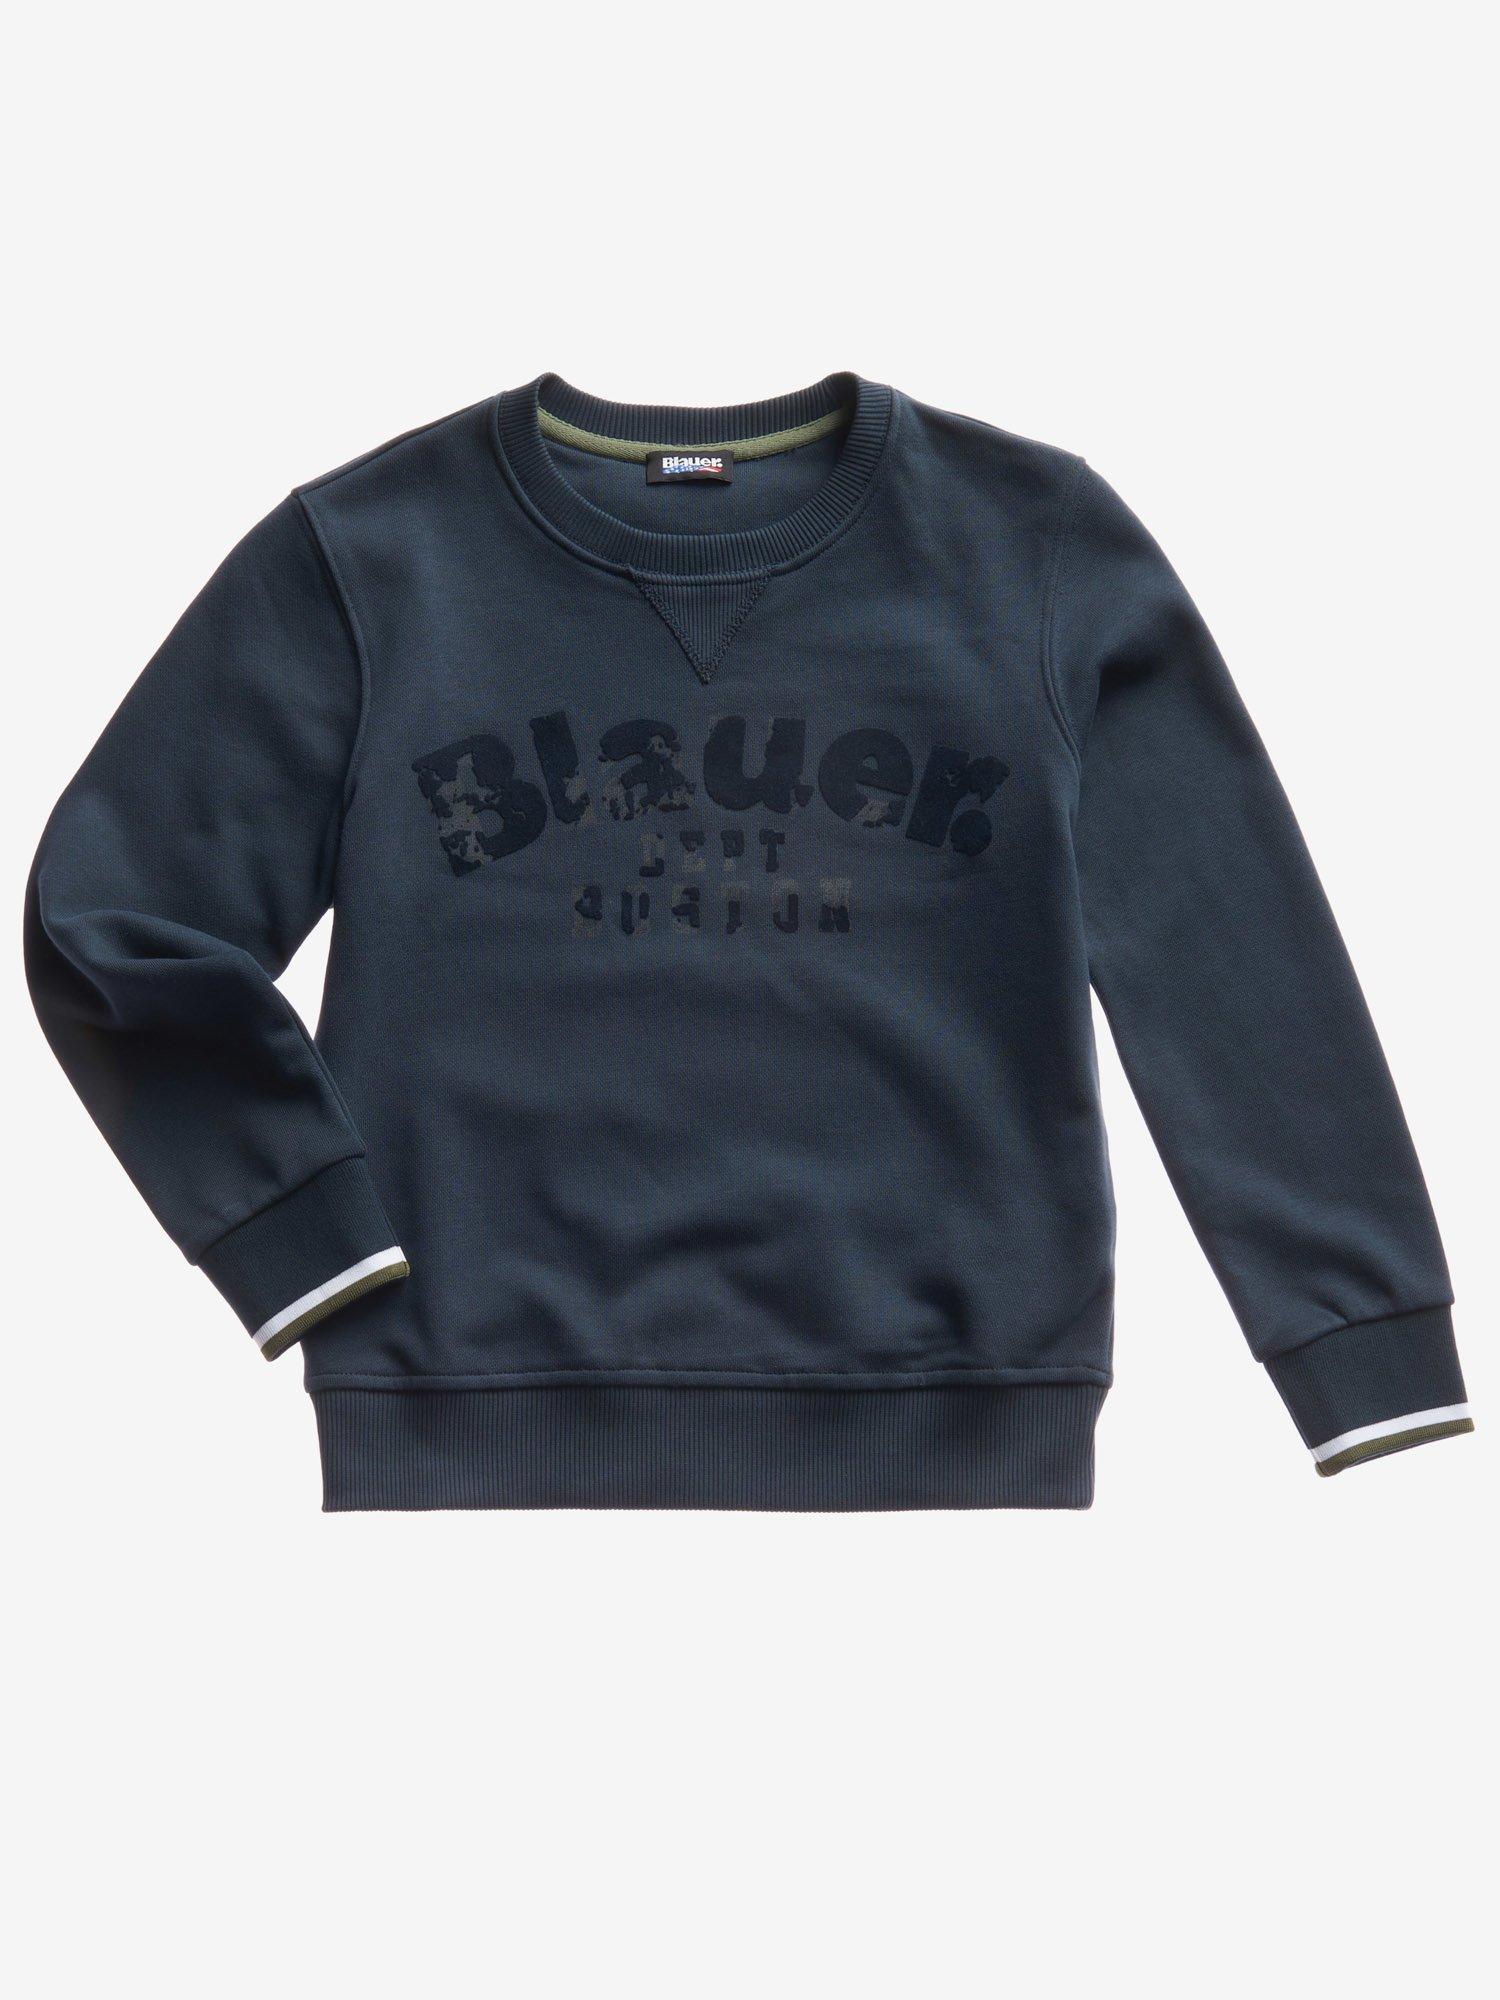 JUNIOR BASIC CREW NECK SWEATSHIRT - Blauer